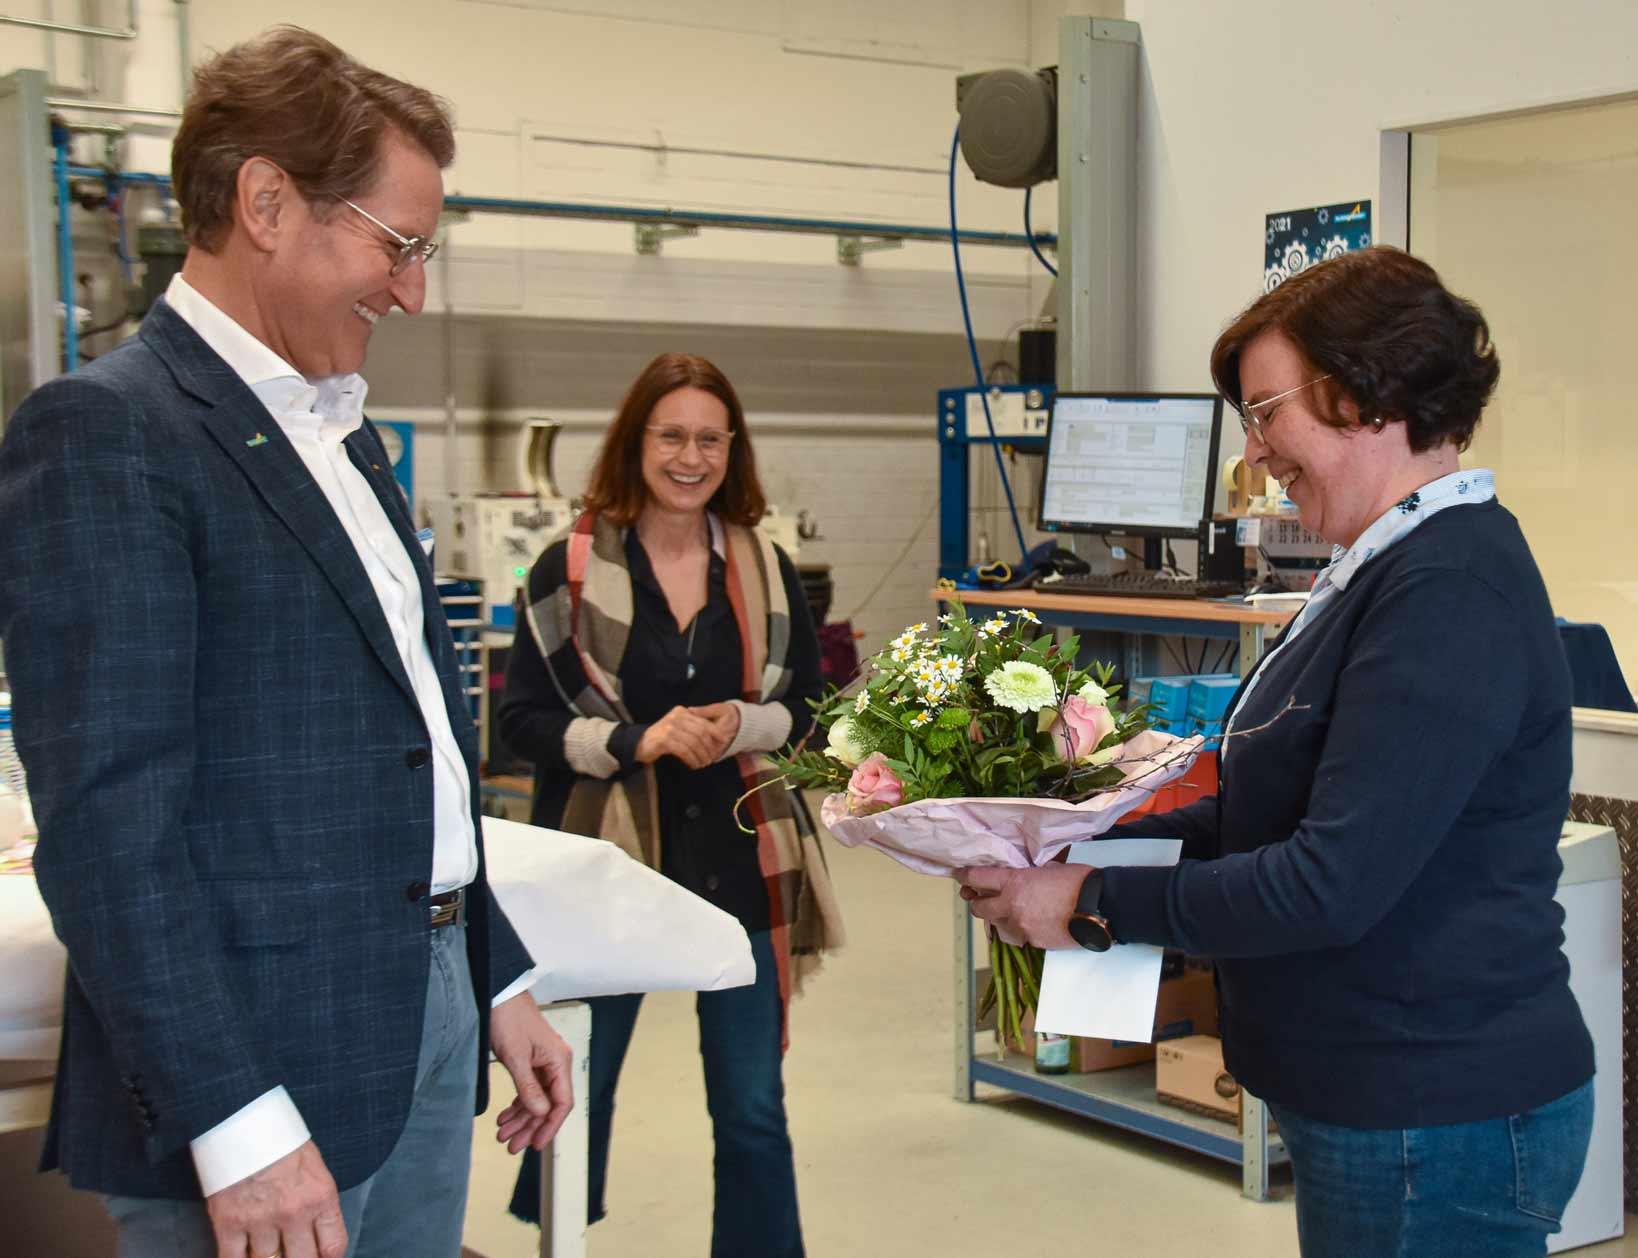 Zwei Frauen und ein Mann in einer Werkstatt. Mann gibt einer Frau einen Blumenstrauß. Alle lachen.